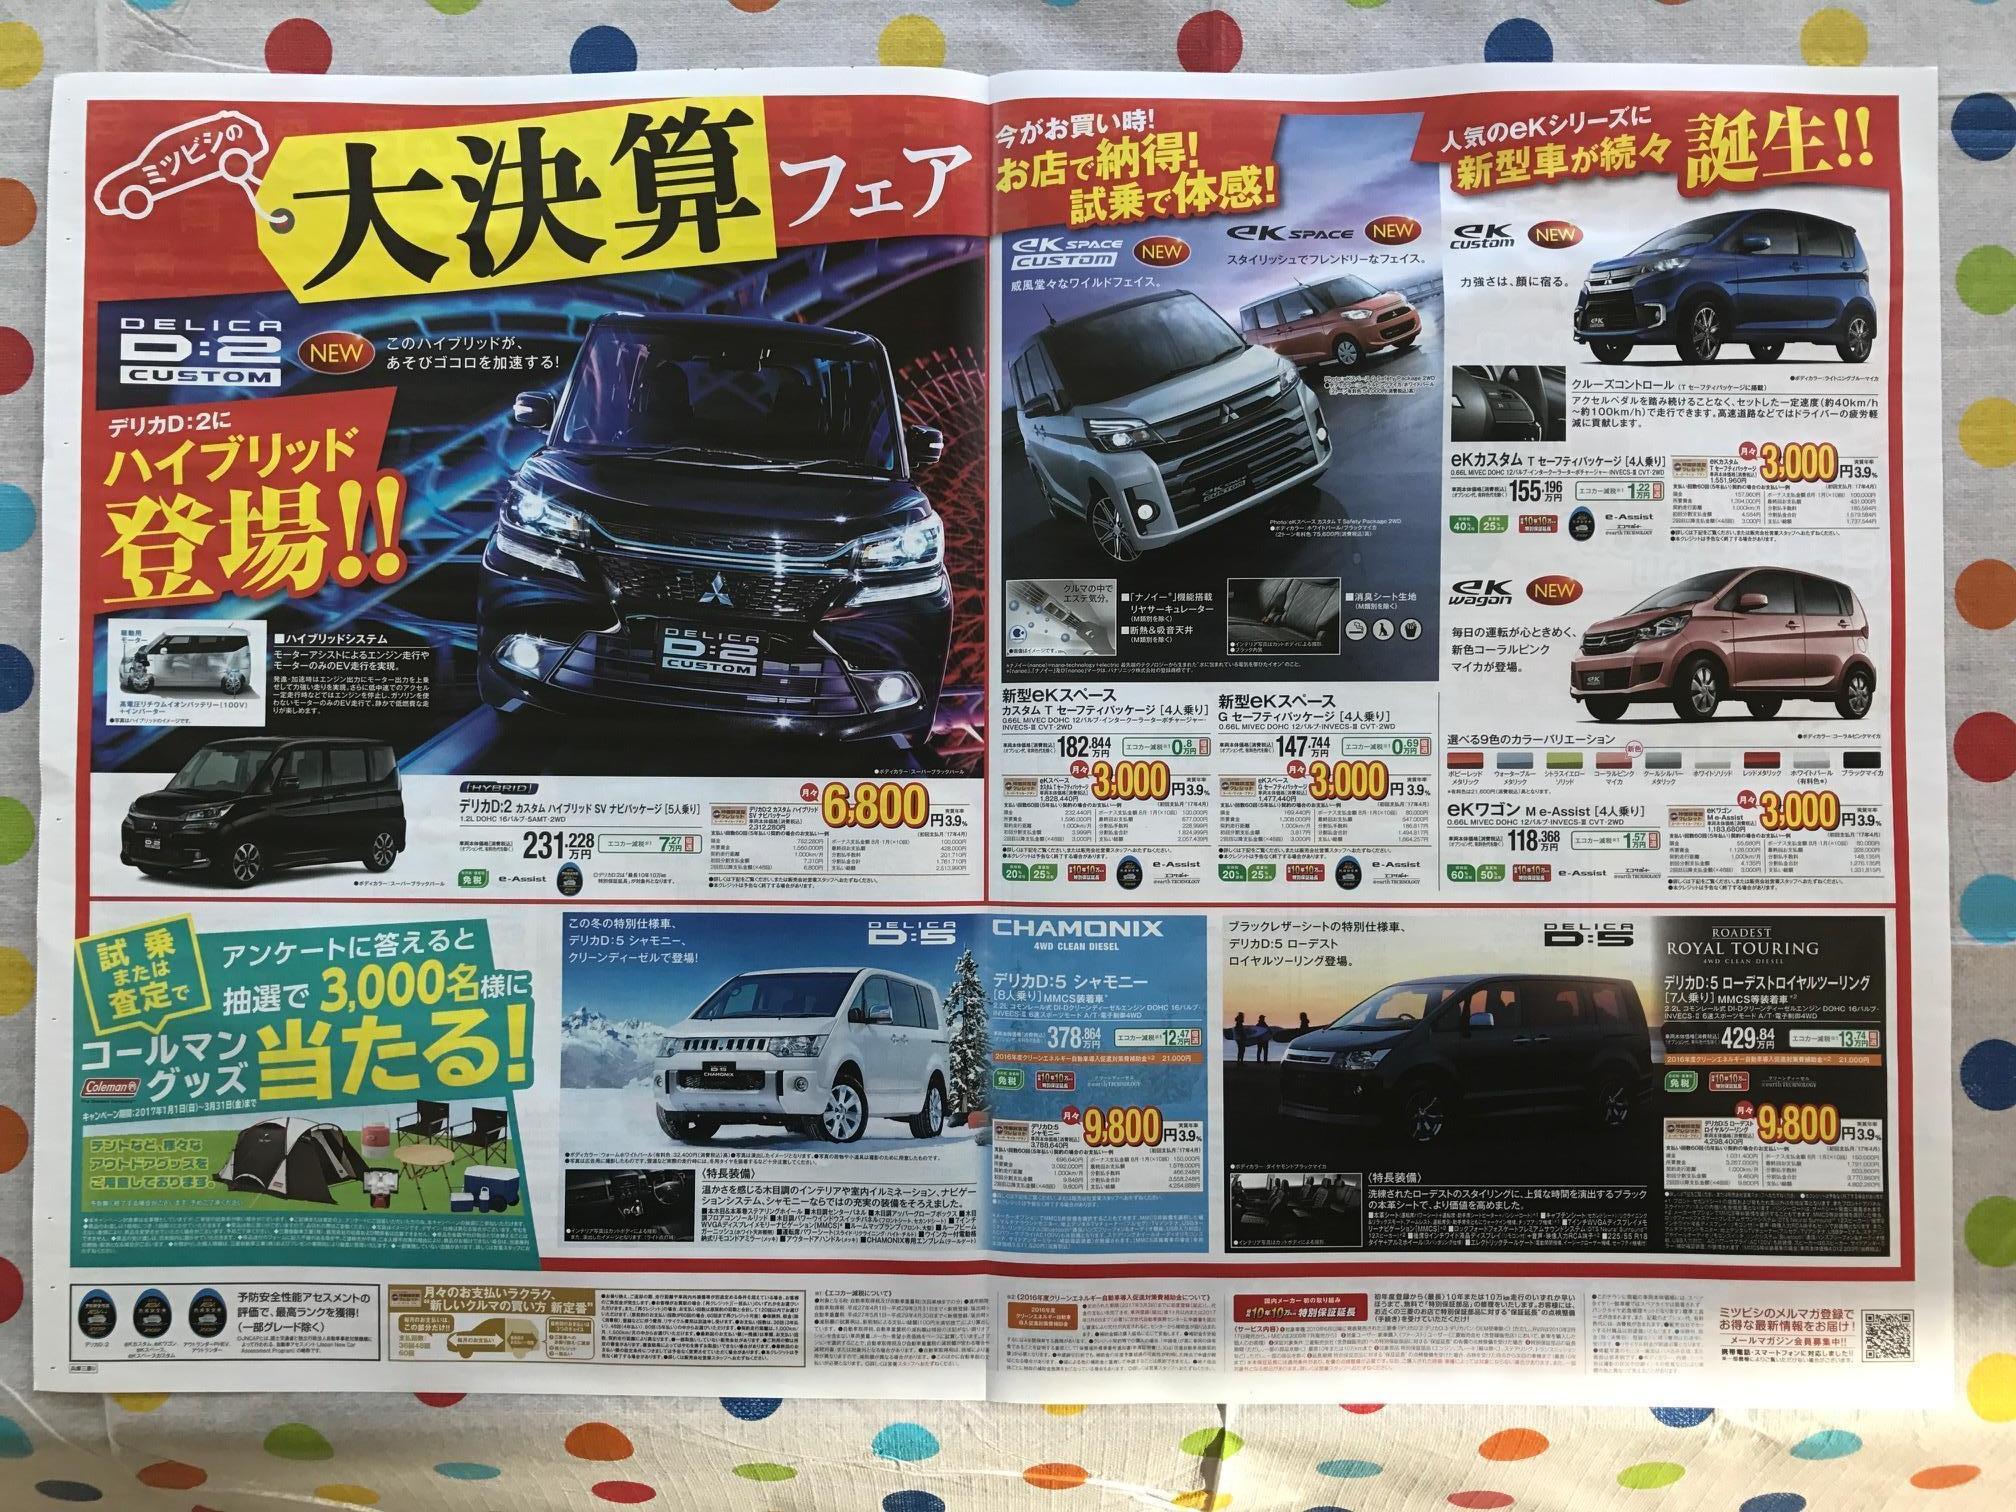 https://www.hyogo-mitsubishi.com/shop/kobekitamachi/files/ef36c93b520f46e6bfd0c848304a6703ae20048b.JPG